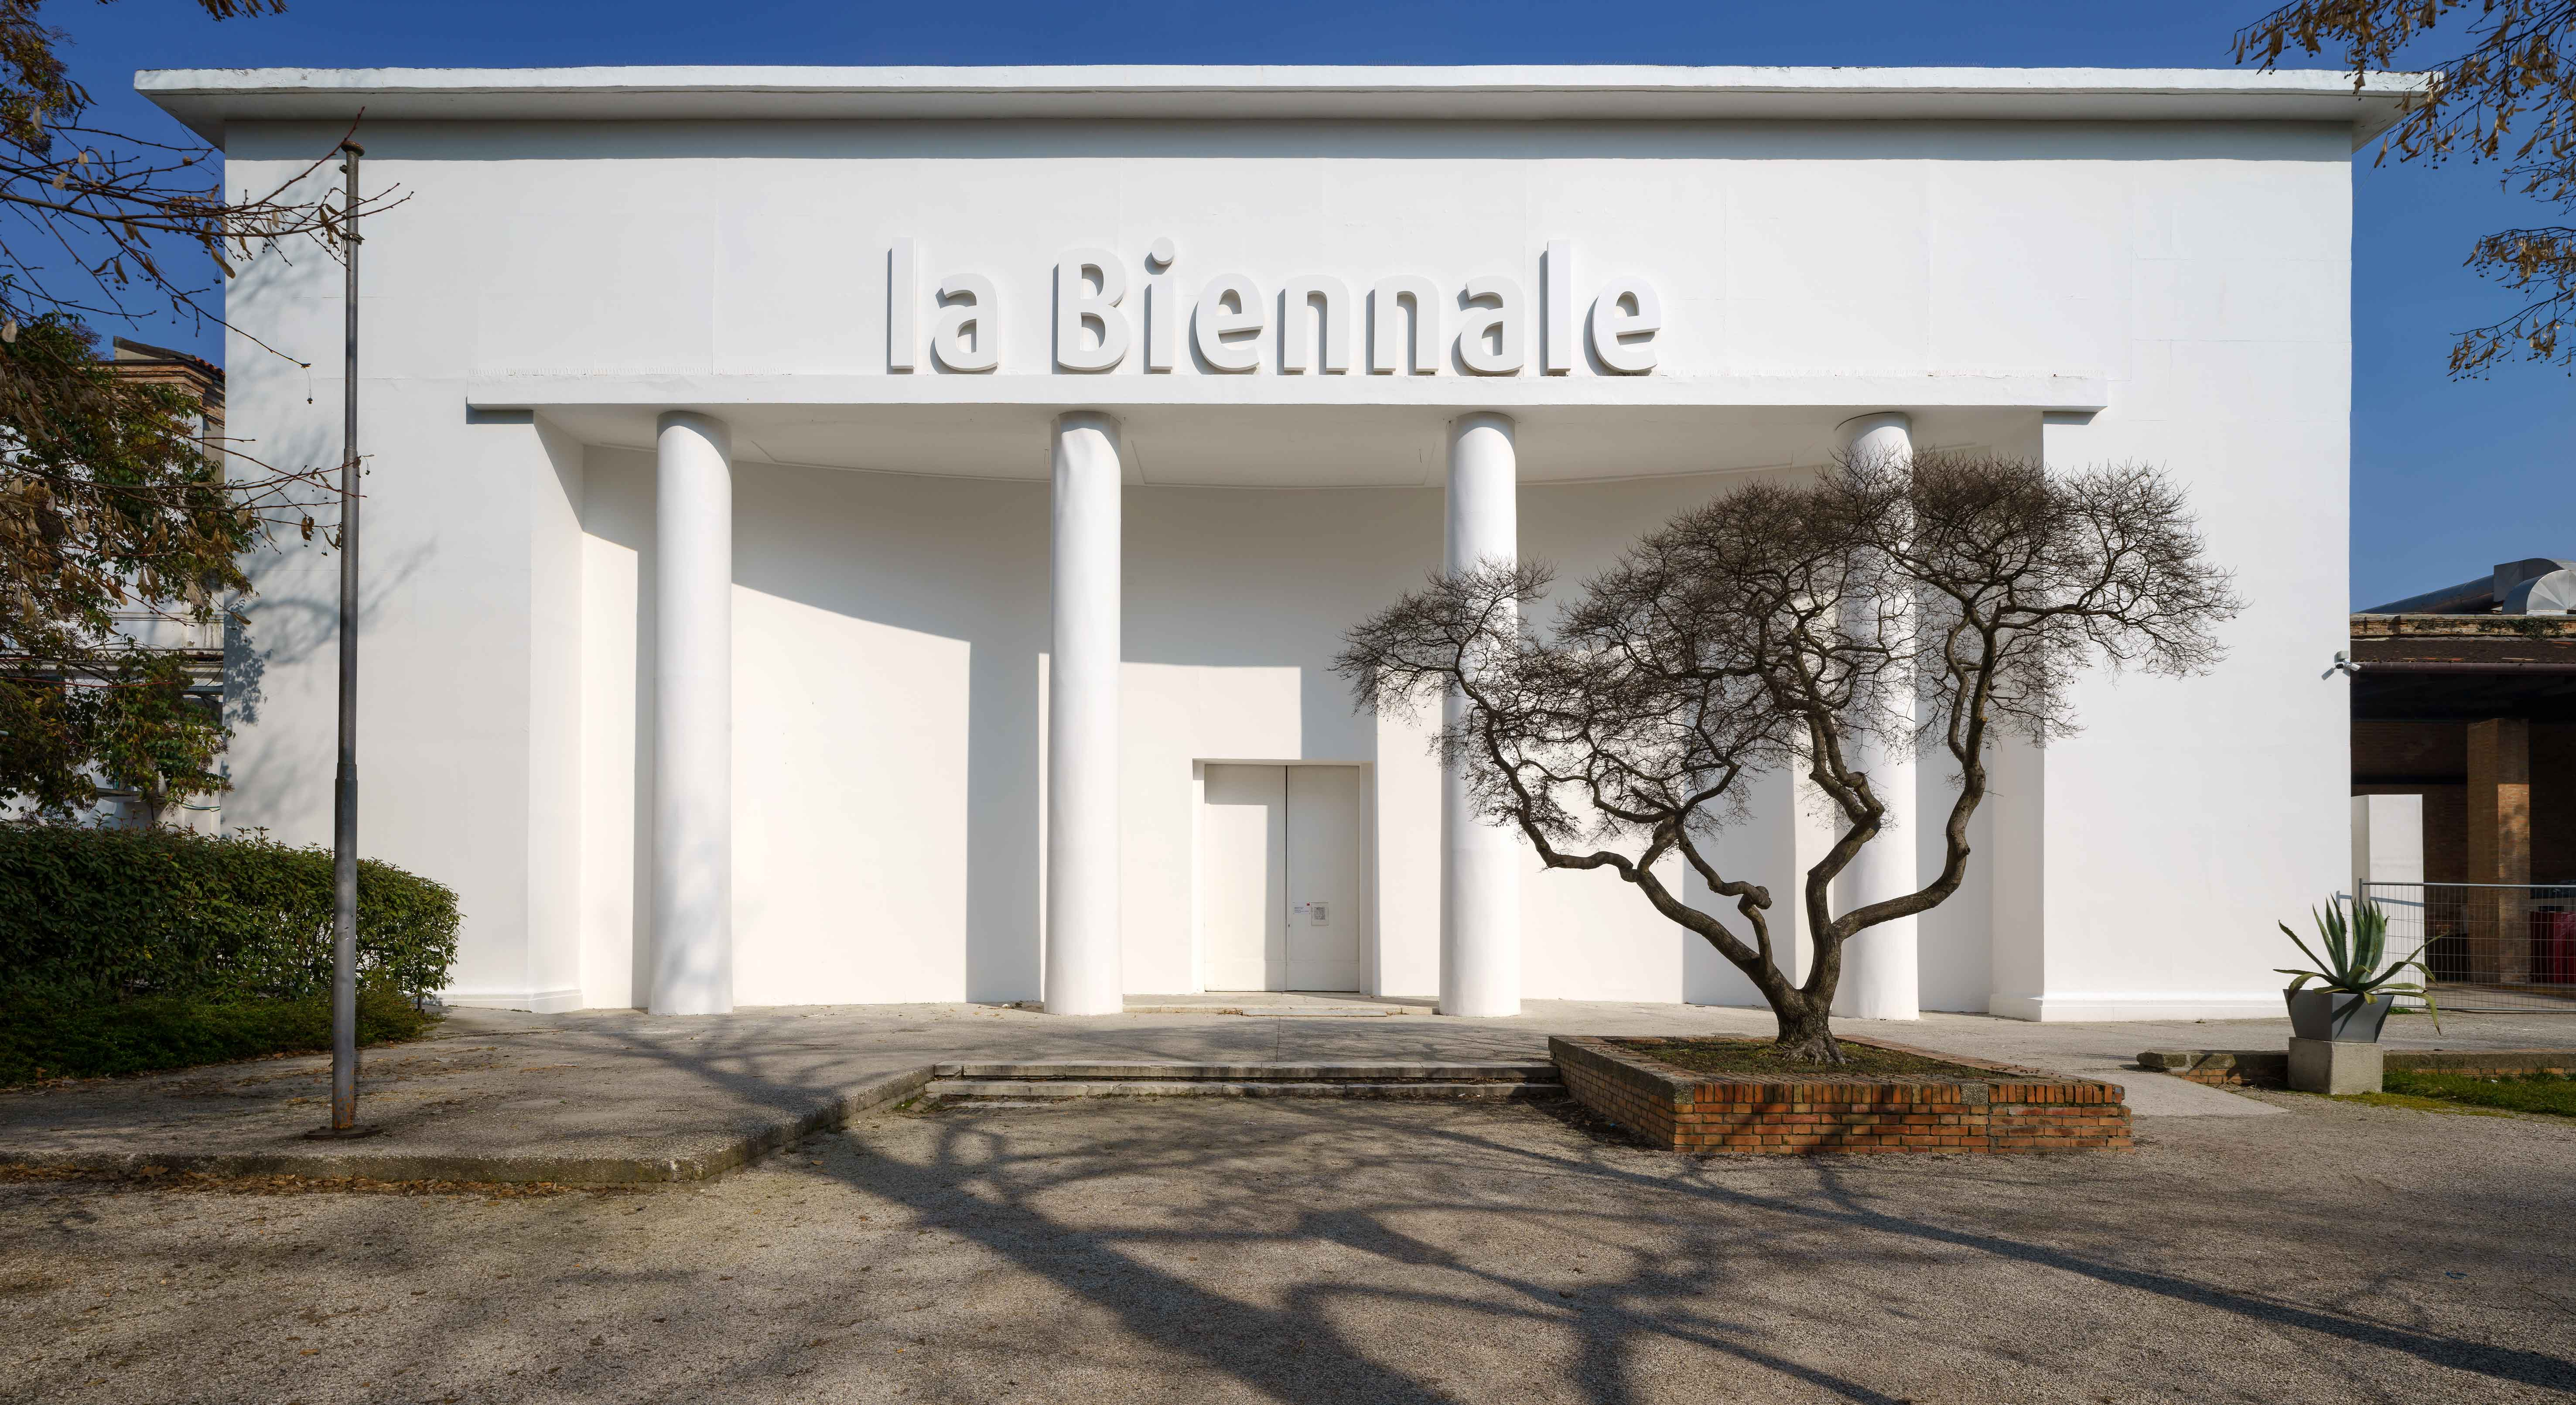 Padiglione-Centrale2_Photo-by-Andrea-Avezzu_Courtesy-of-La-Biennale-di-Venezia